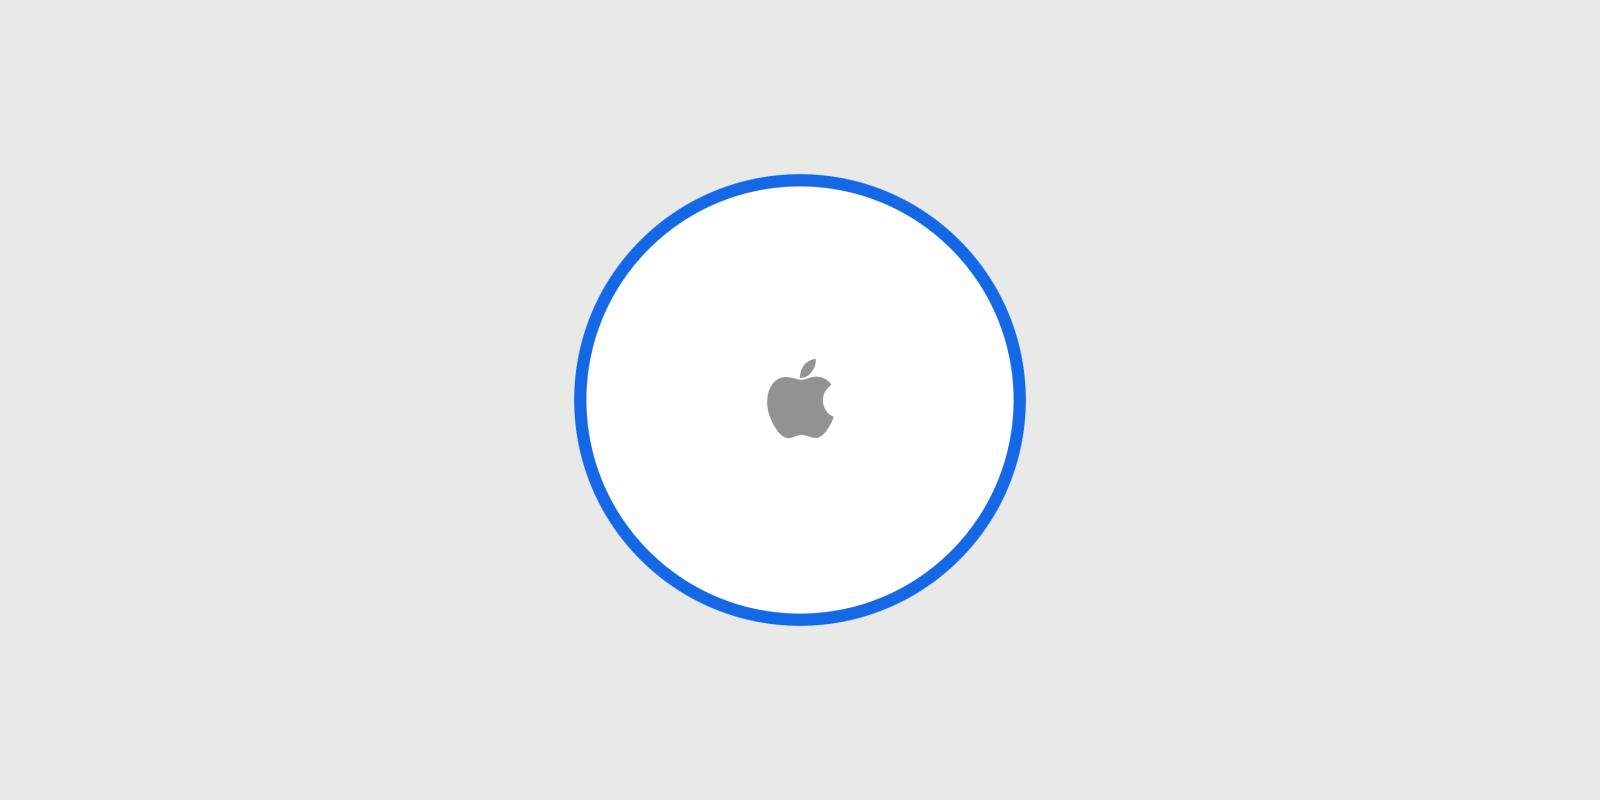 Cuối cùng thiết bị theo dõi vị trí đồ vật Apple Tags của Apple cũng sẽ trình làng vào quý 3 năm nay